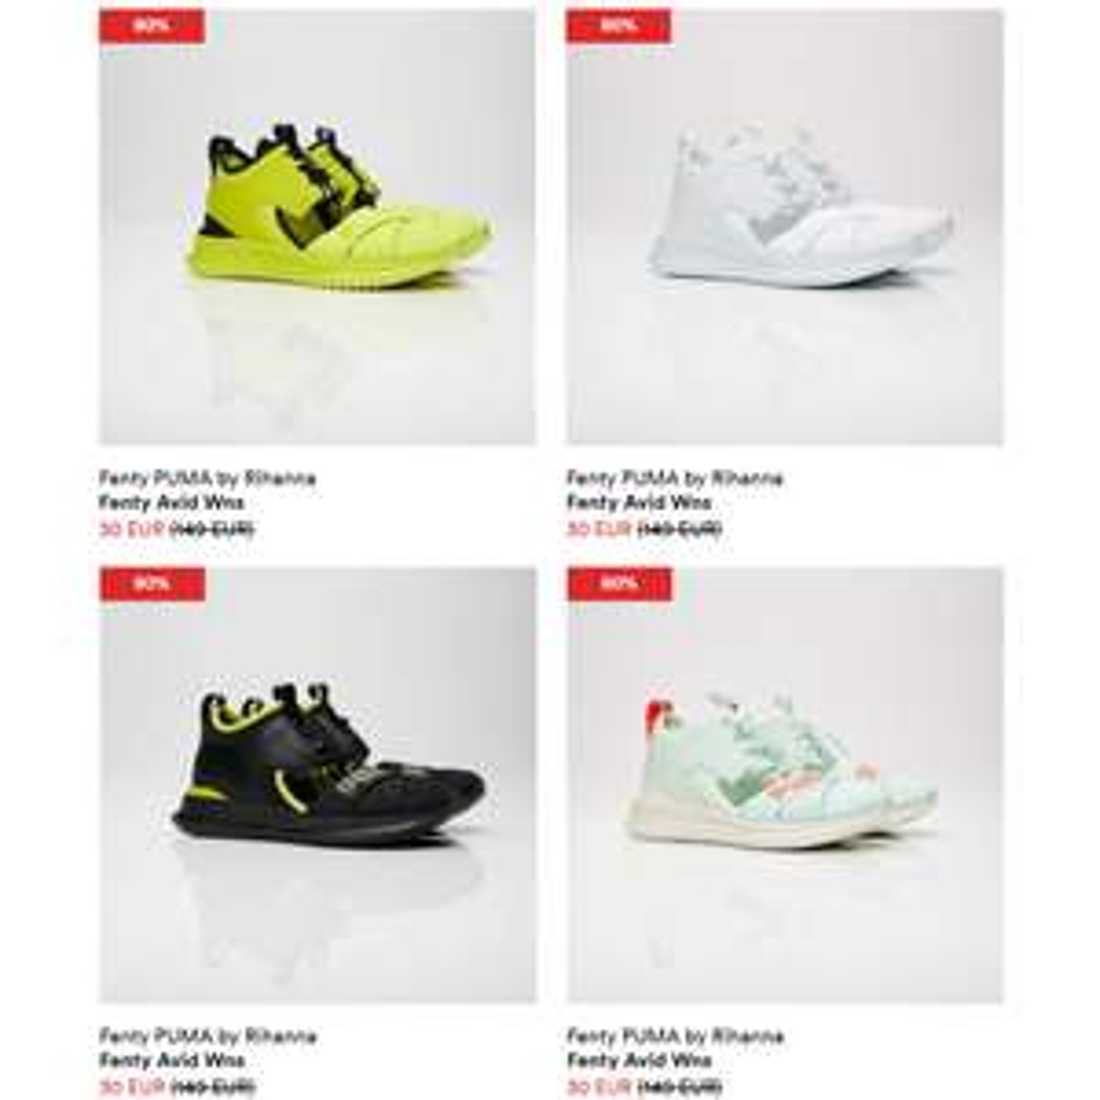 Fenty Puma by Rihanna sneakers -80% @ Sneakersnstuff